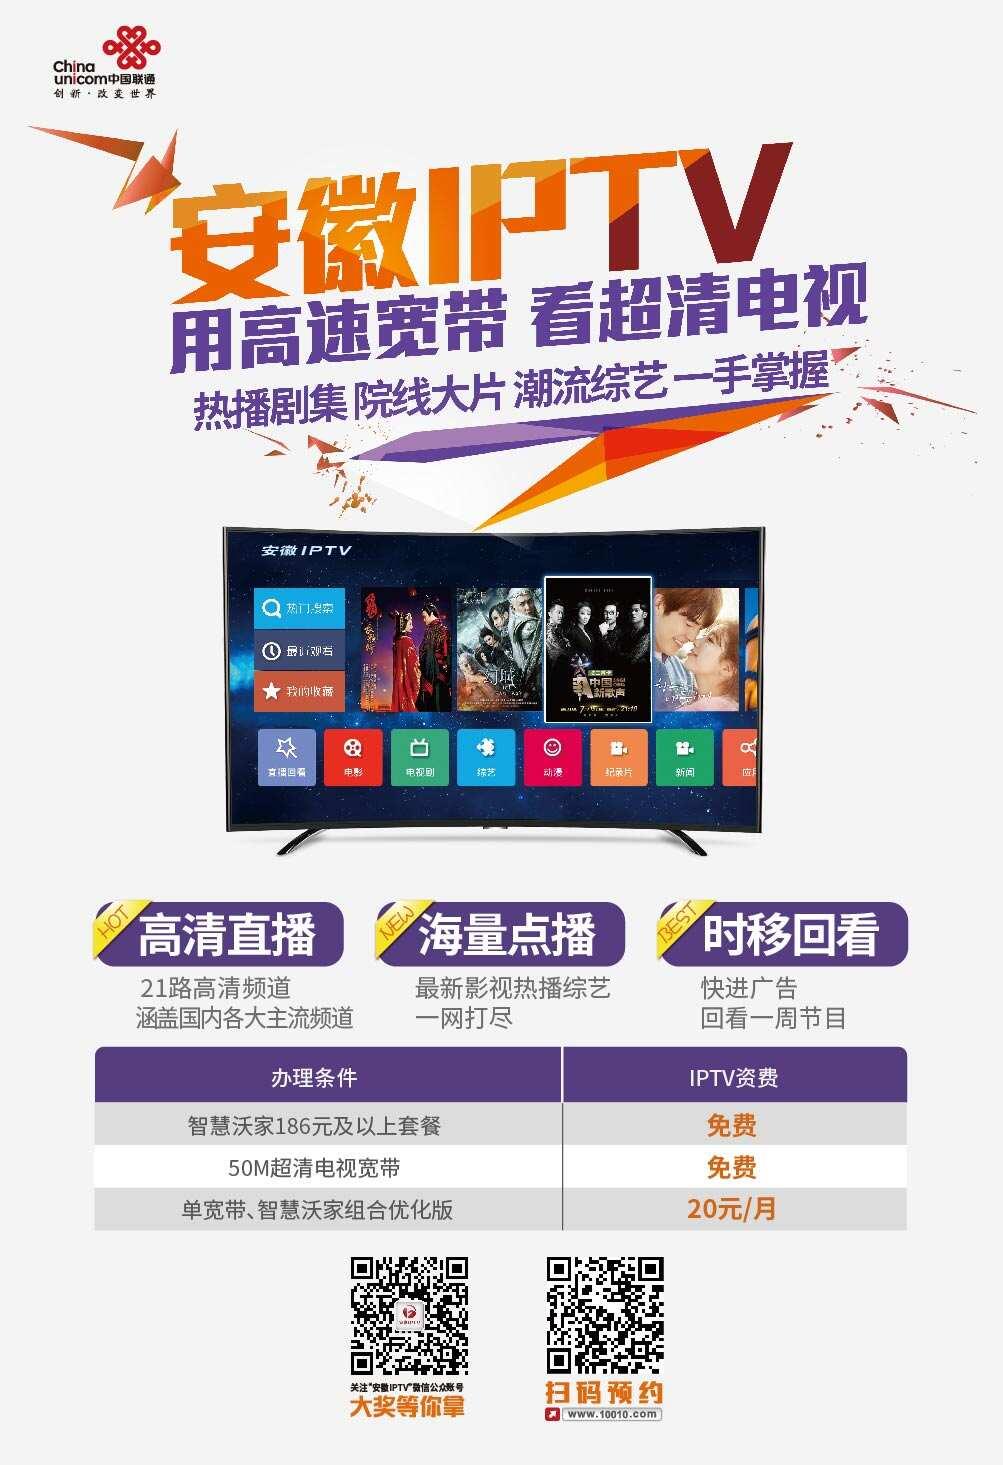 安徽联通IPTV预约